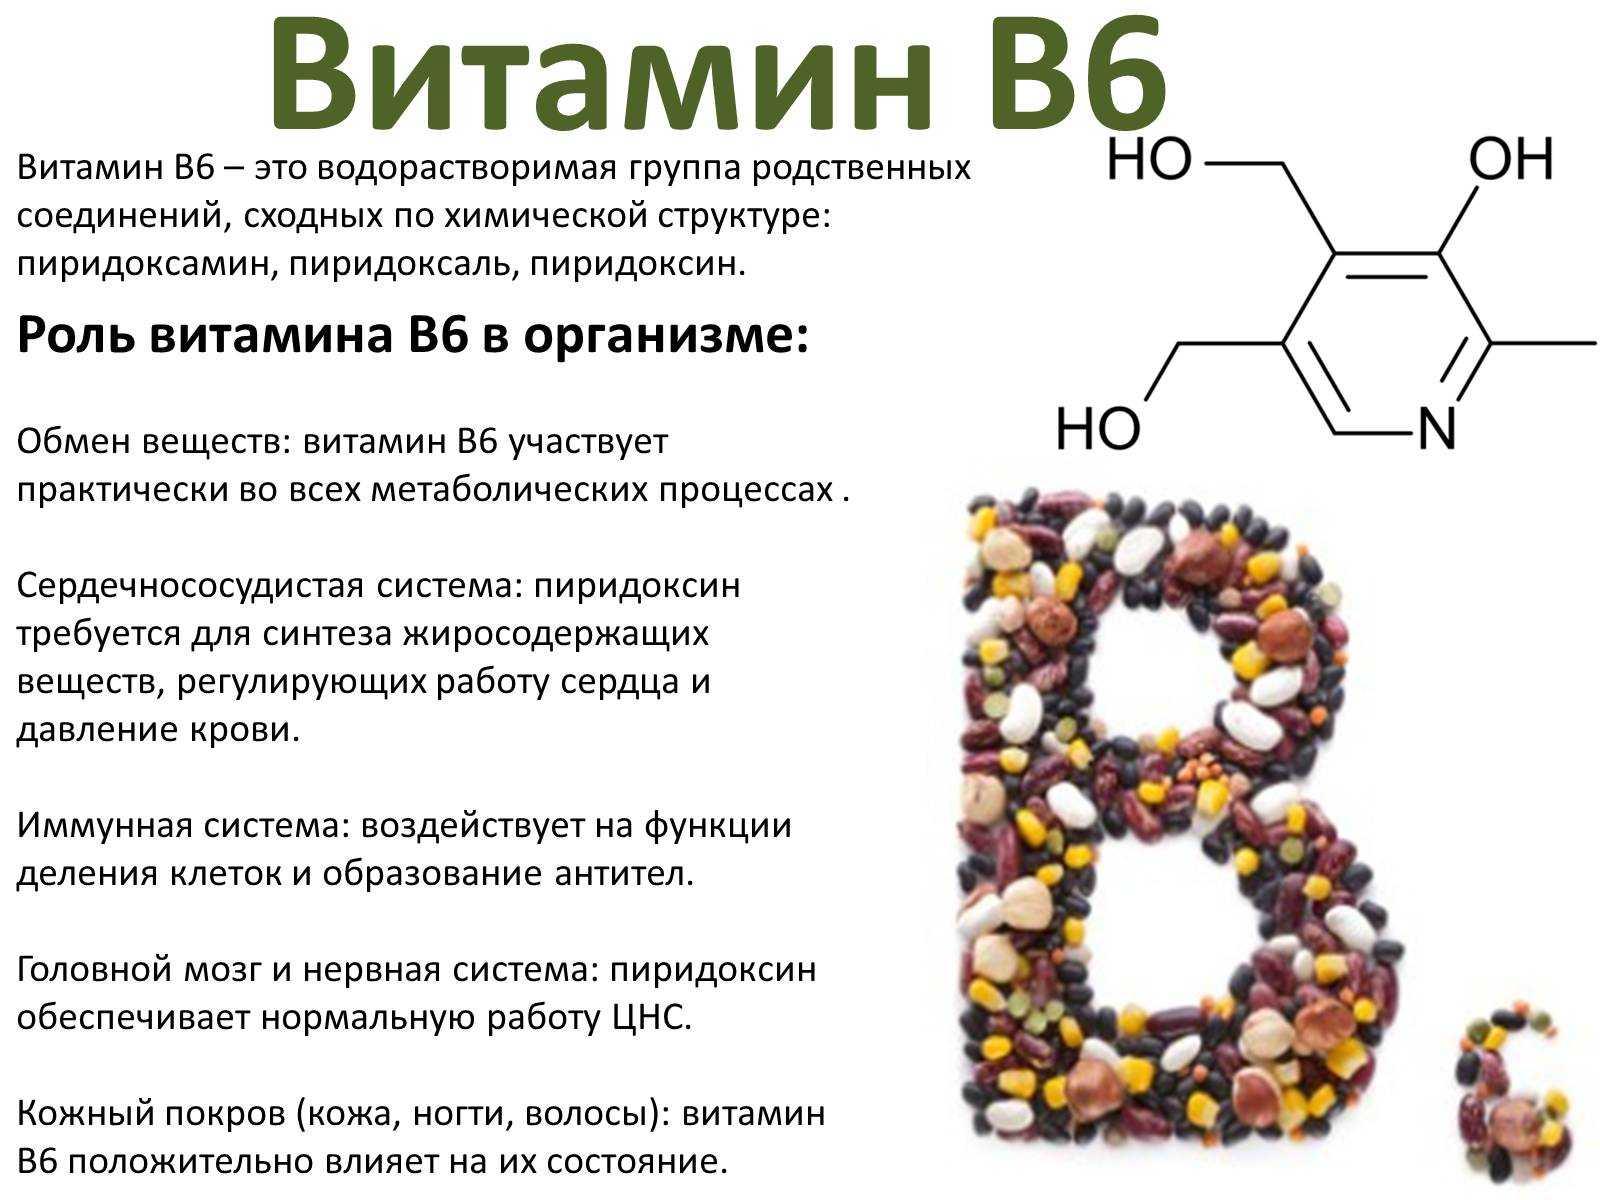 Витамины при беременности: суточная норма и особенности приема